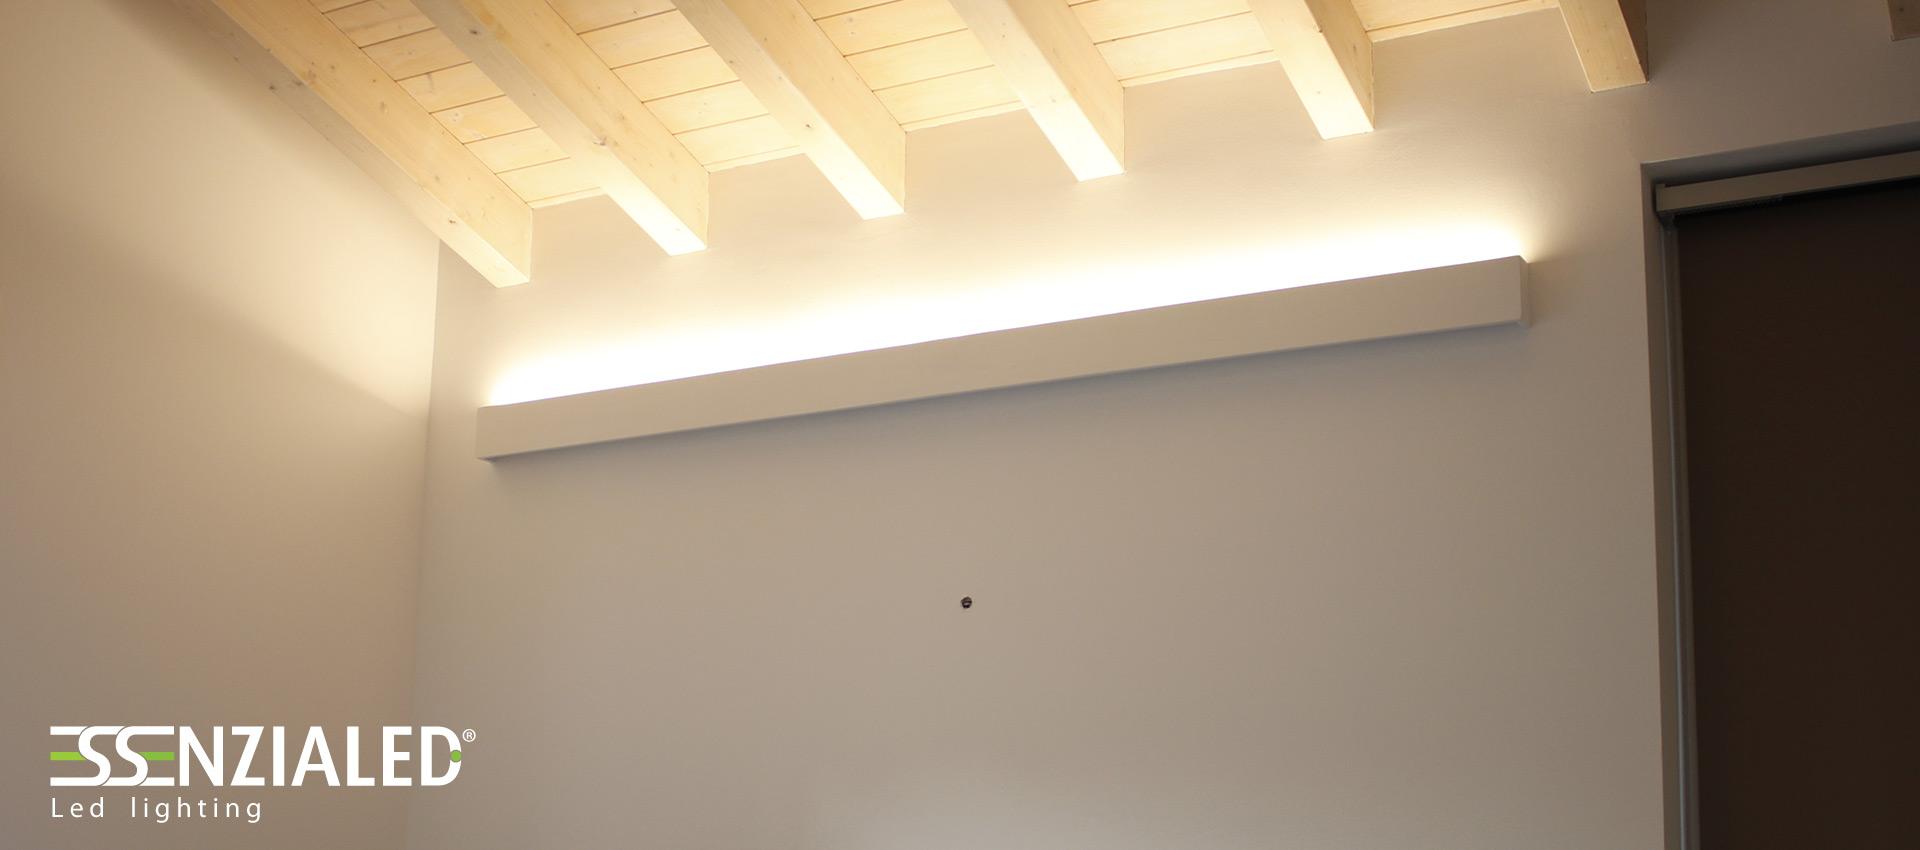 lampadari in gesso : Righello Lampada parete in gesso a led prodotta MadeinItalyEssenzialed ...